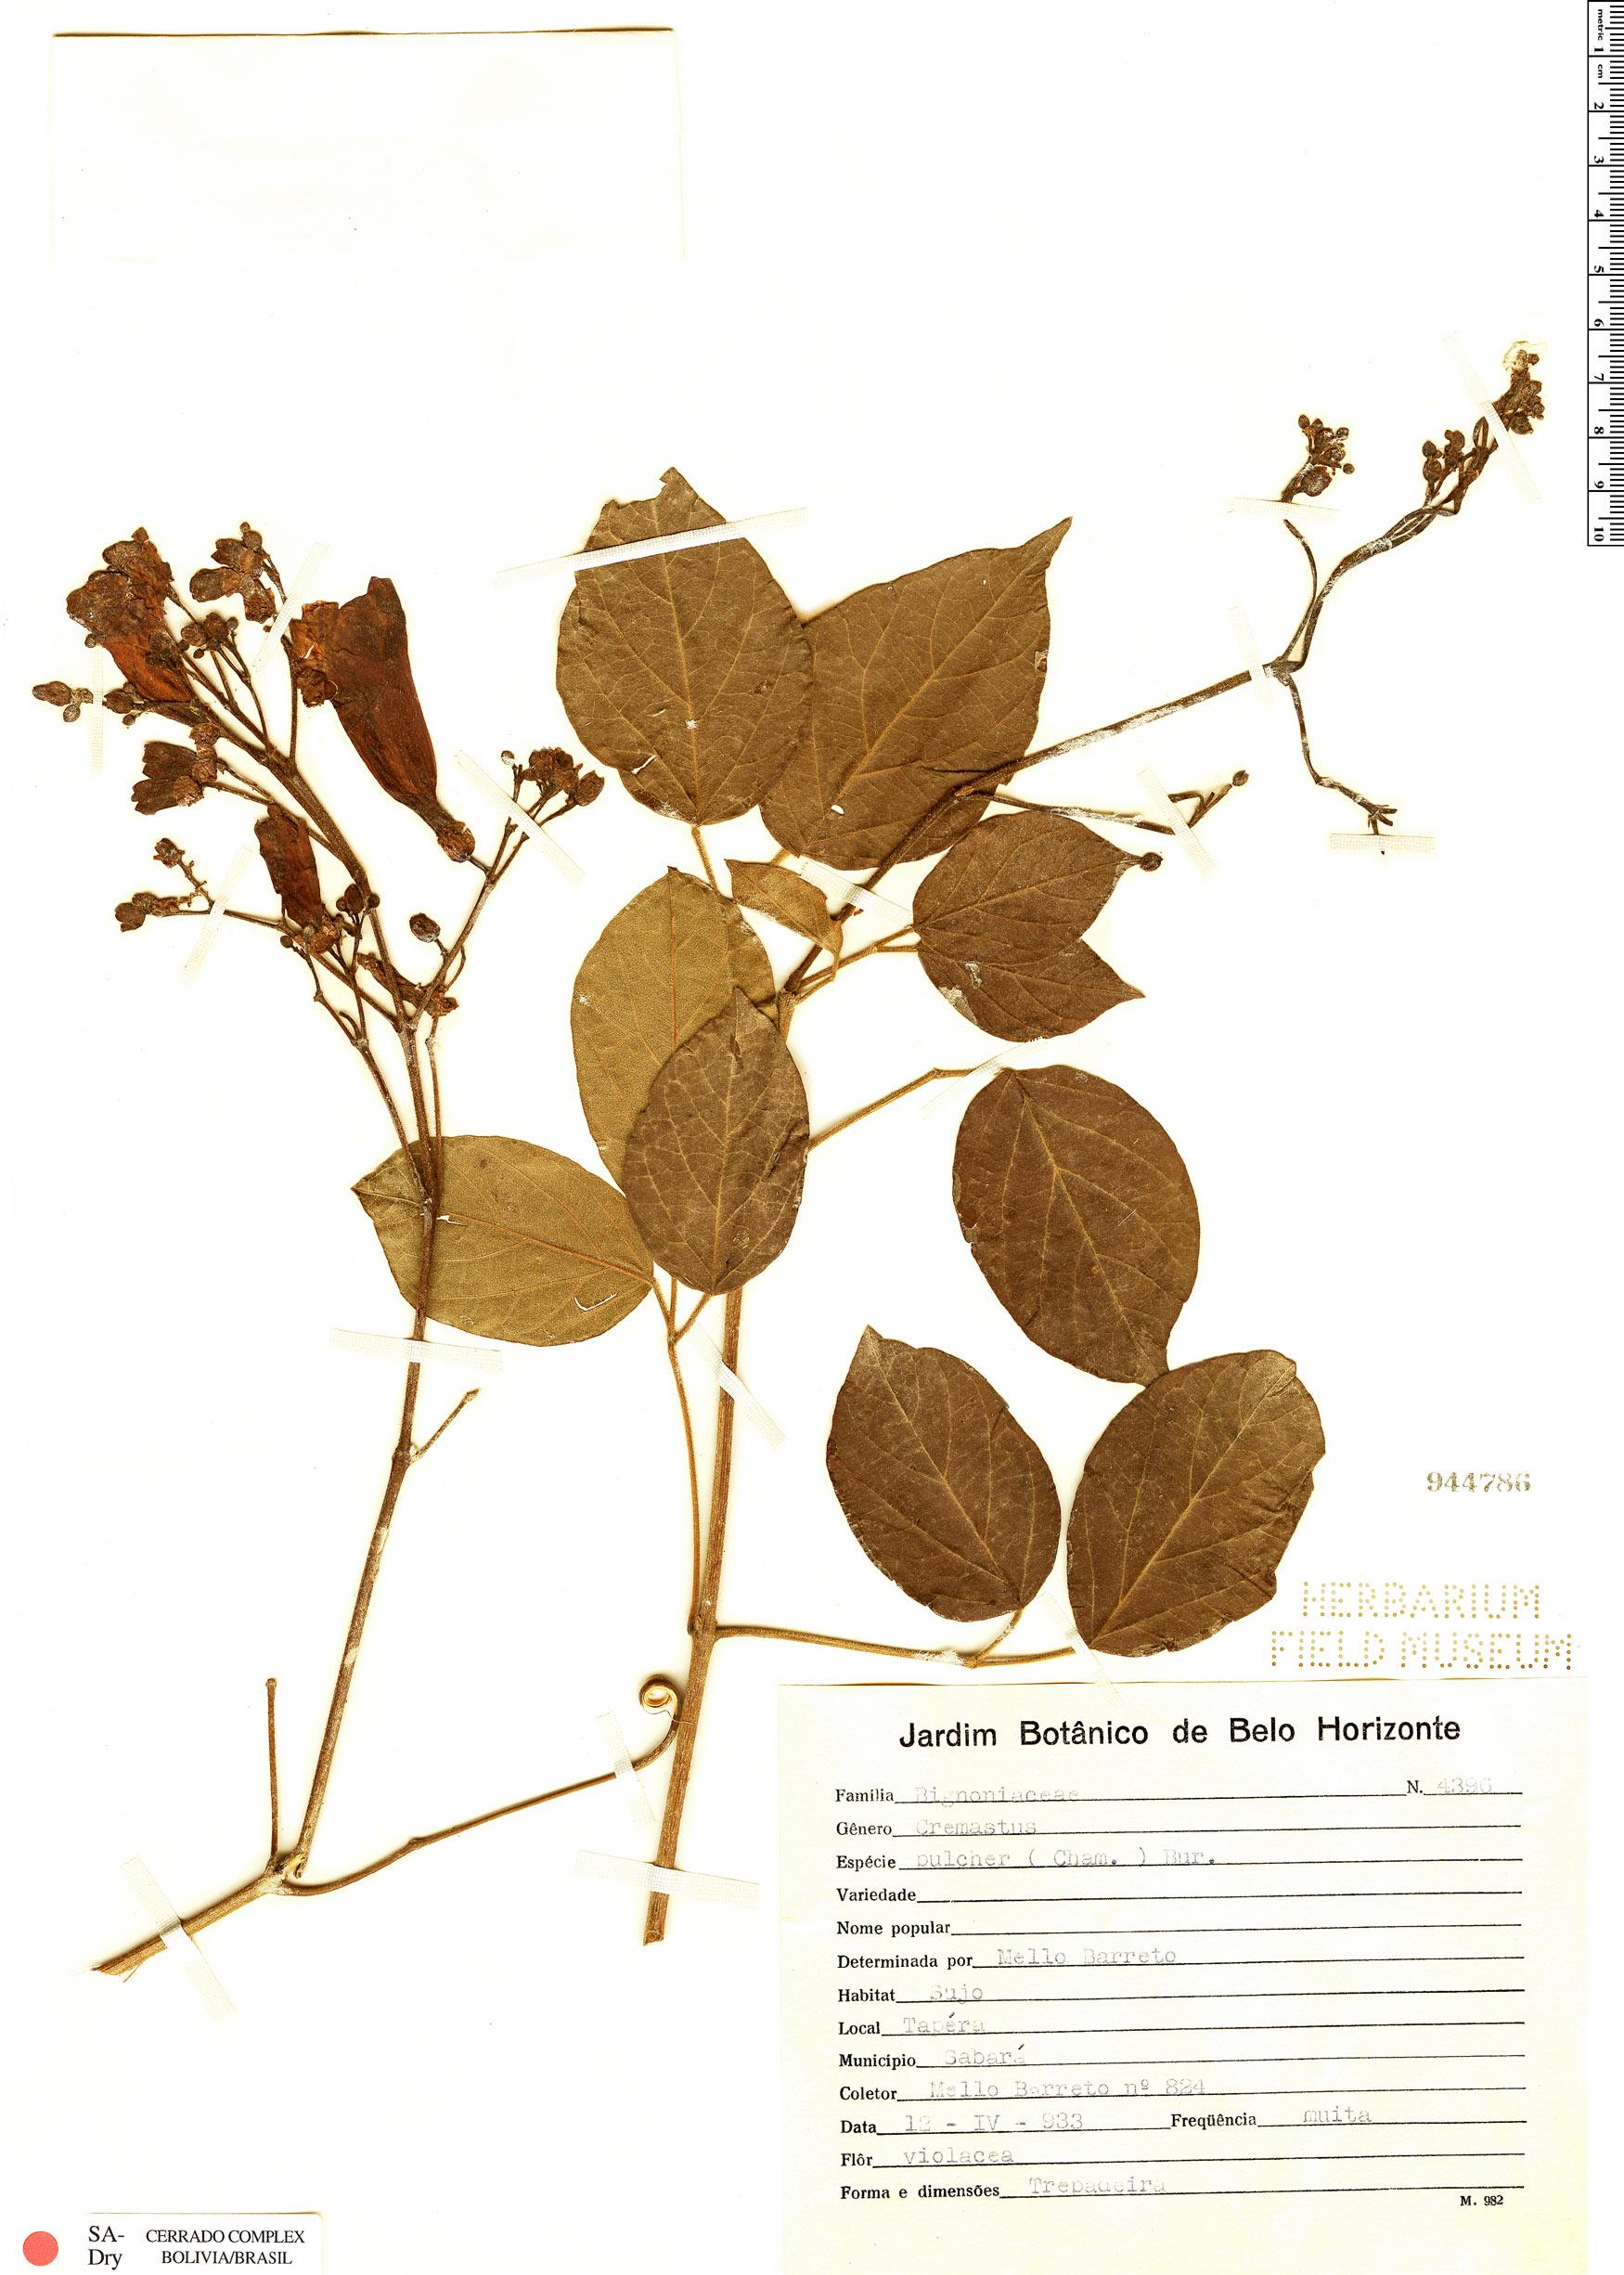 Specimen: Cuspidaria pulchra